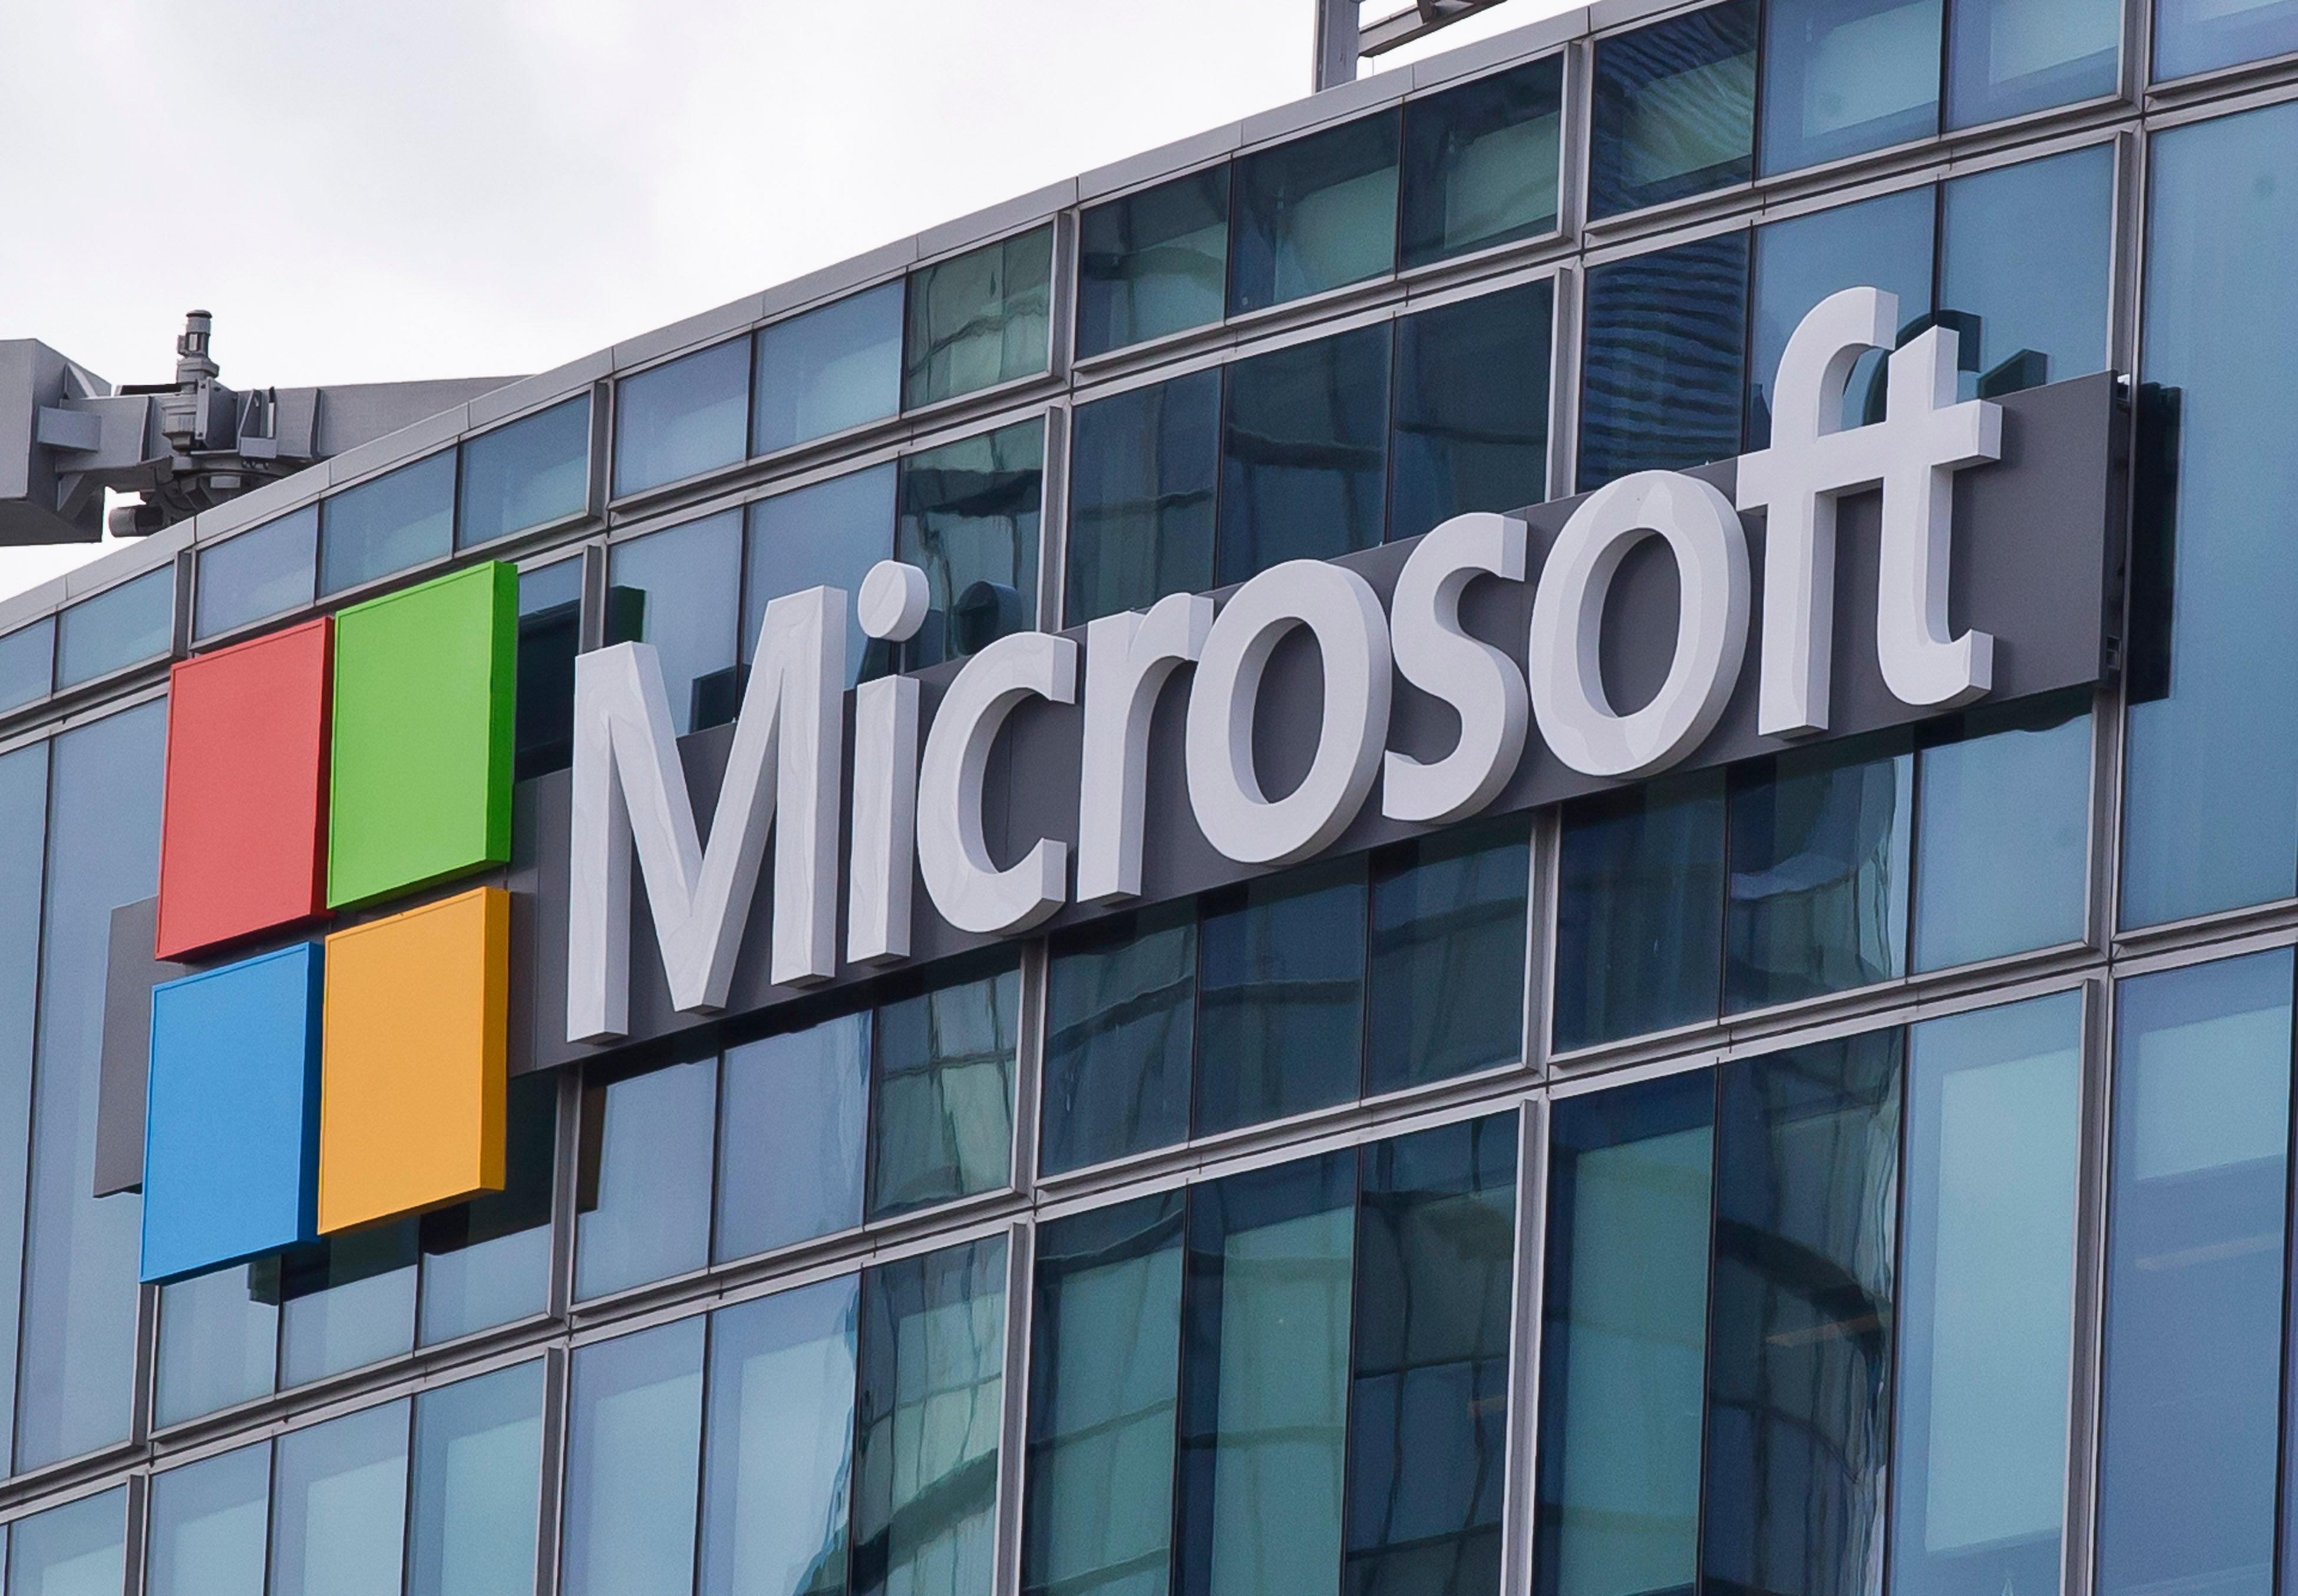 Microsoft Sues DOJ Over 'Unconstitutional' Secret Data Searches